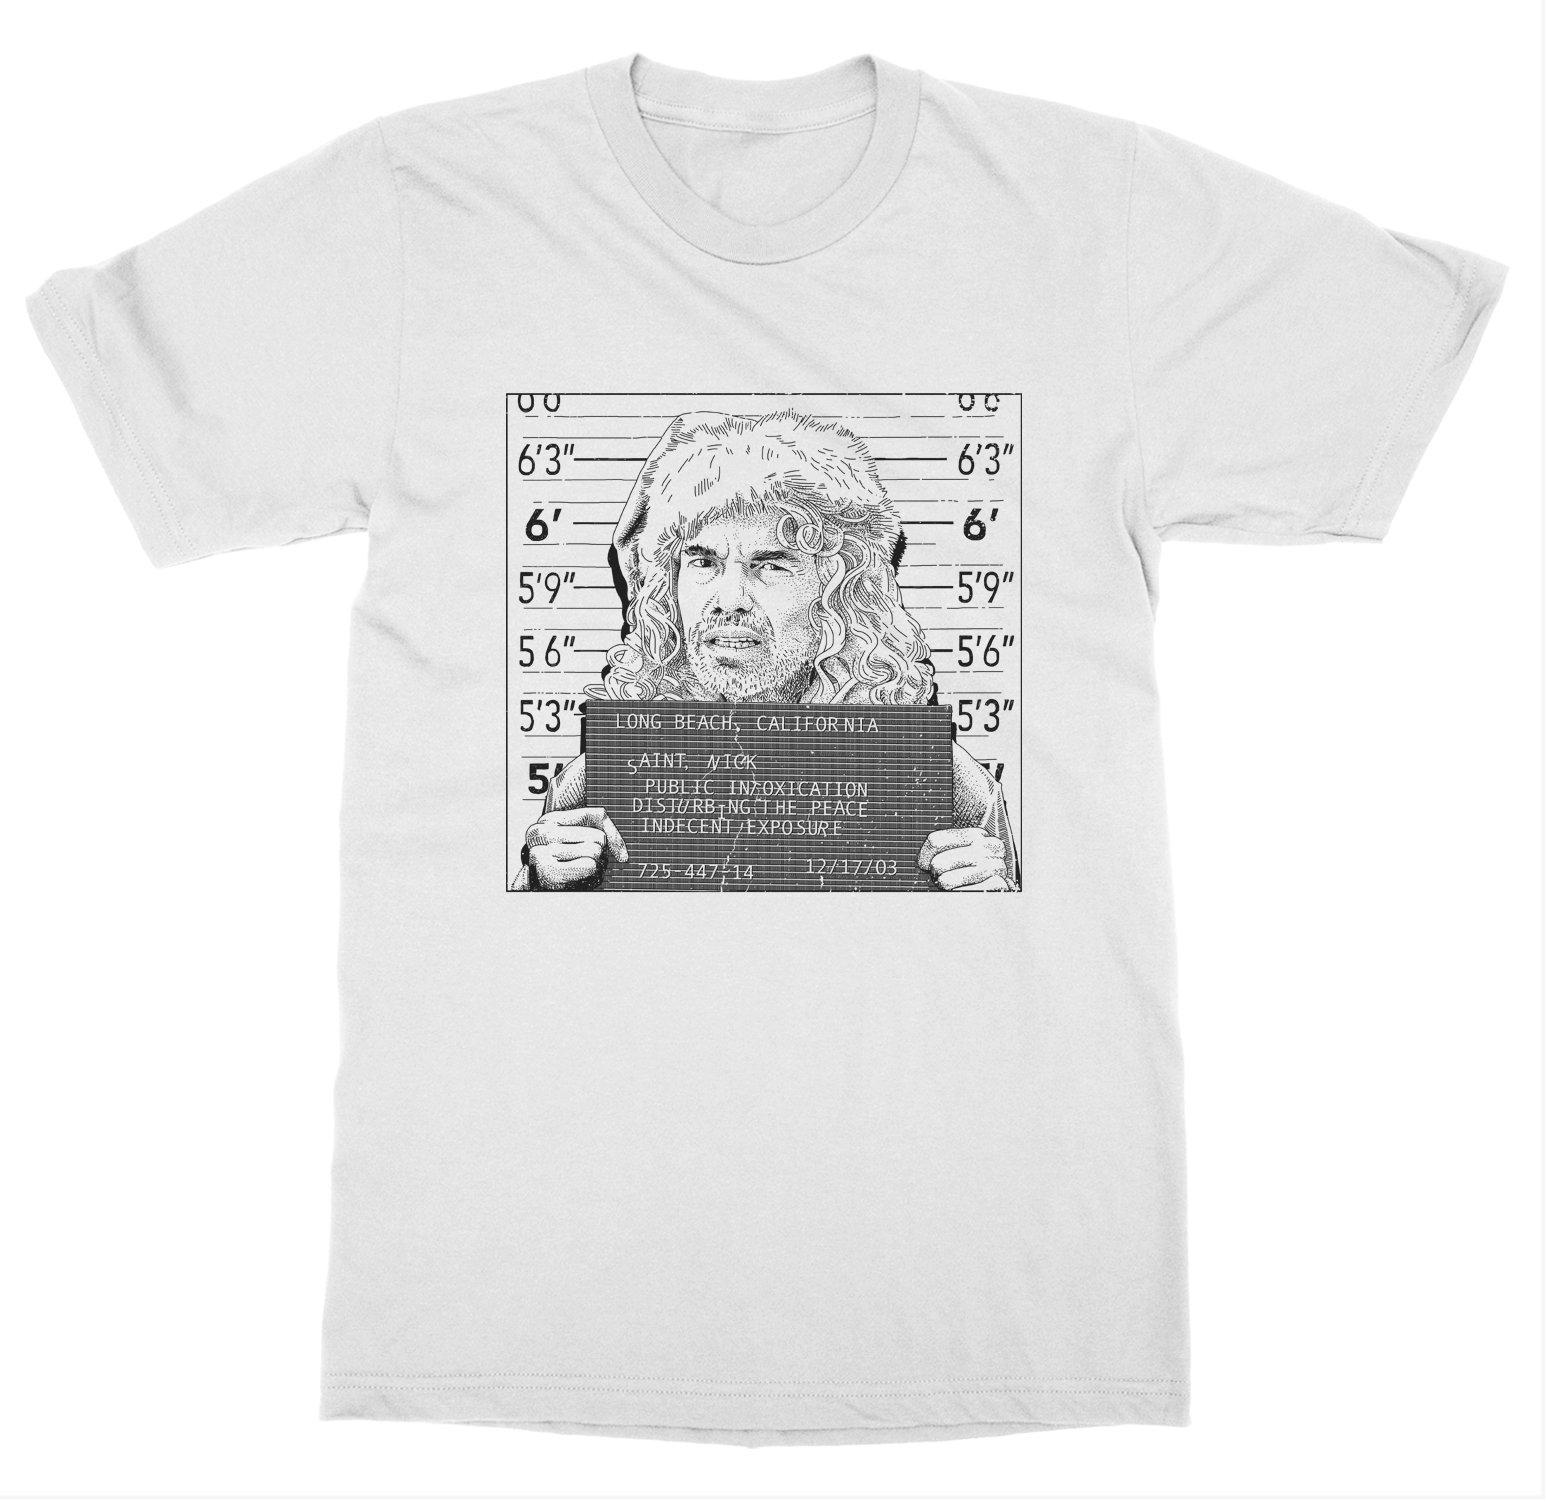 Mugshot 'Bad Santa' T-Shirt